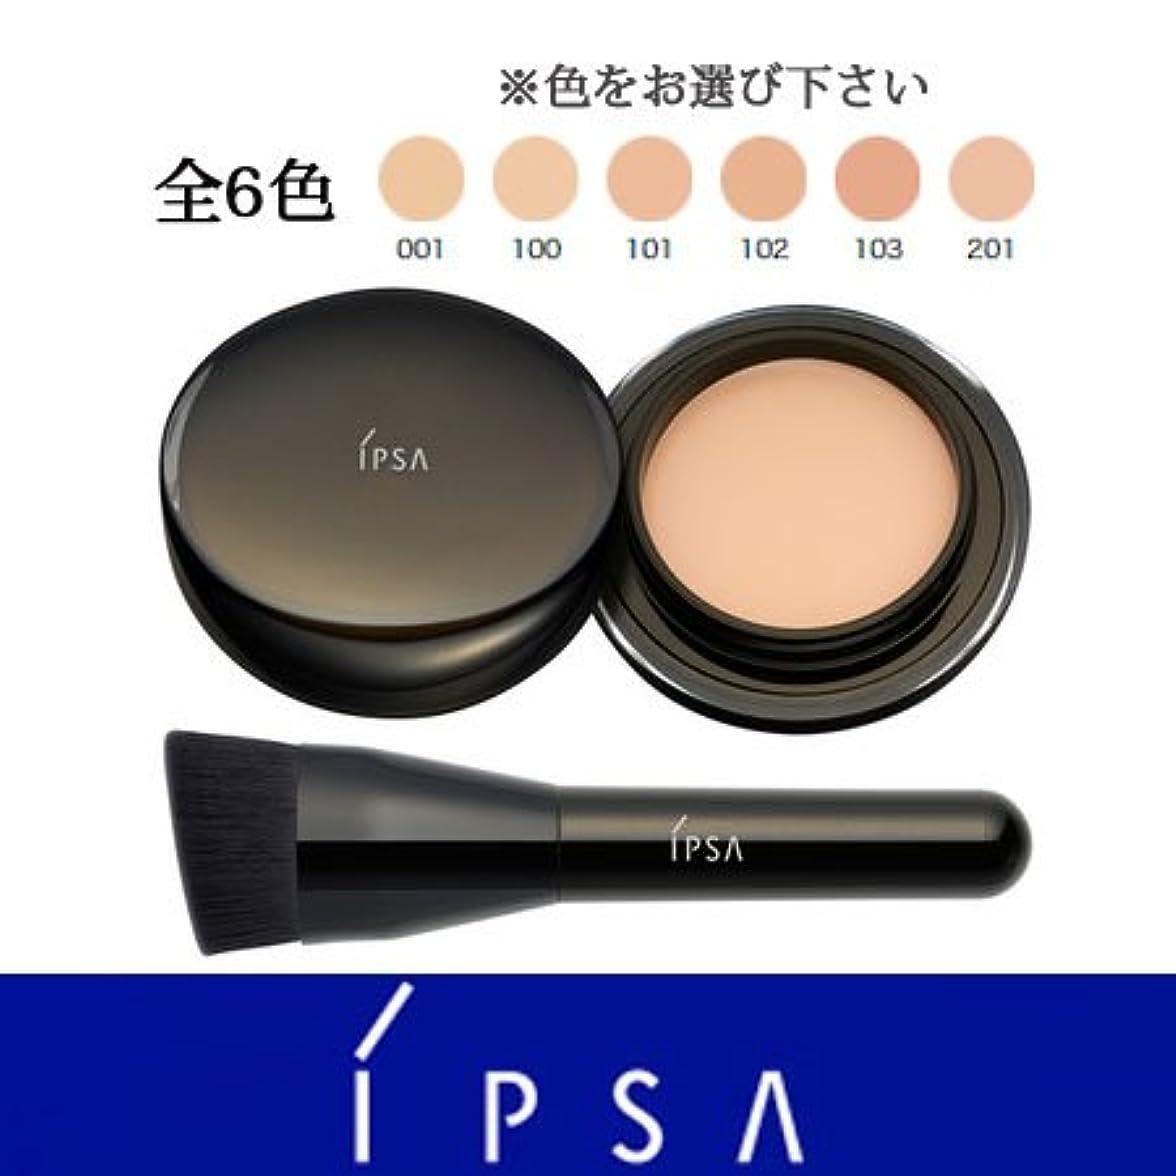 証人近傍ビジネスイプサ ファウンデイション アルティメイト 全6色 -IPSA- 102